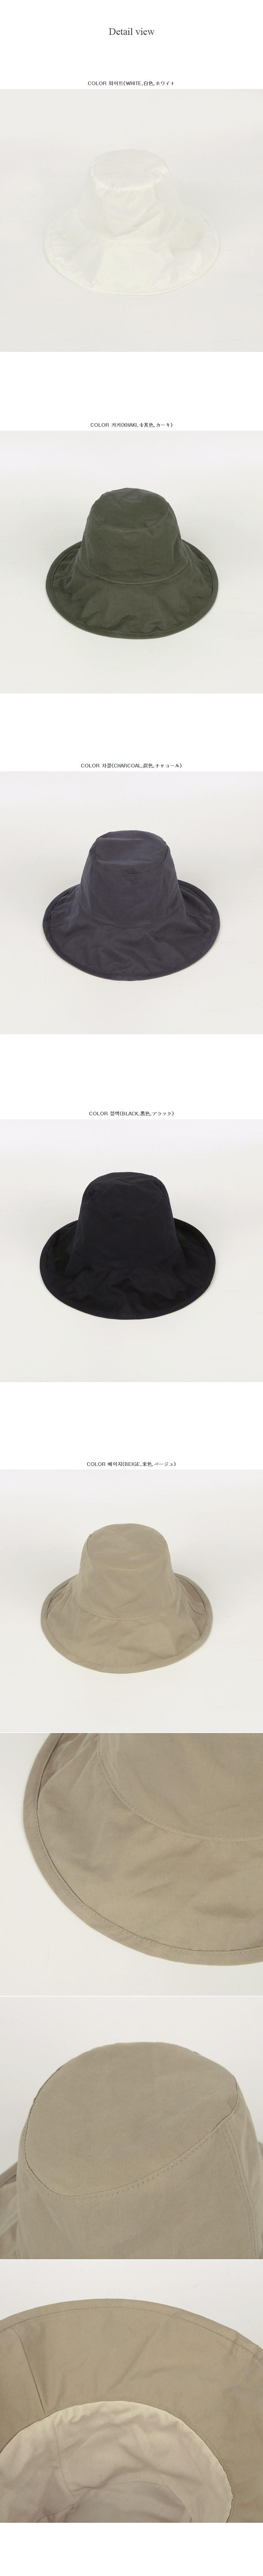 Kai humbly hat